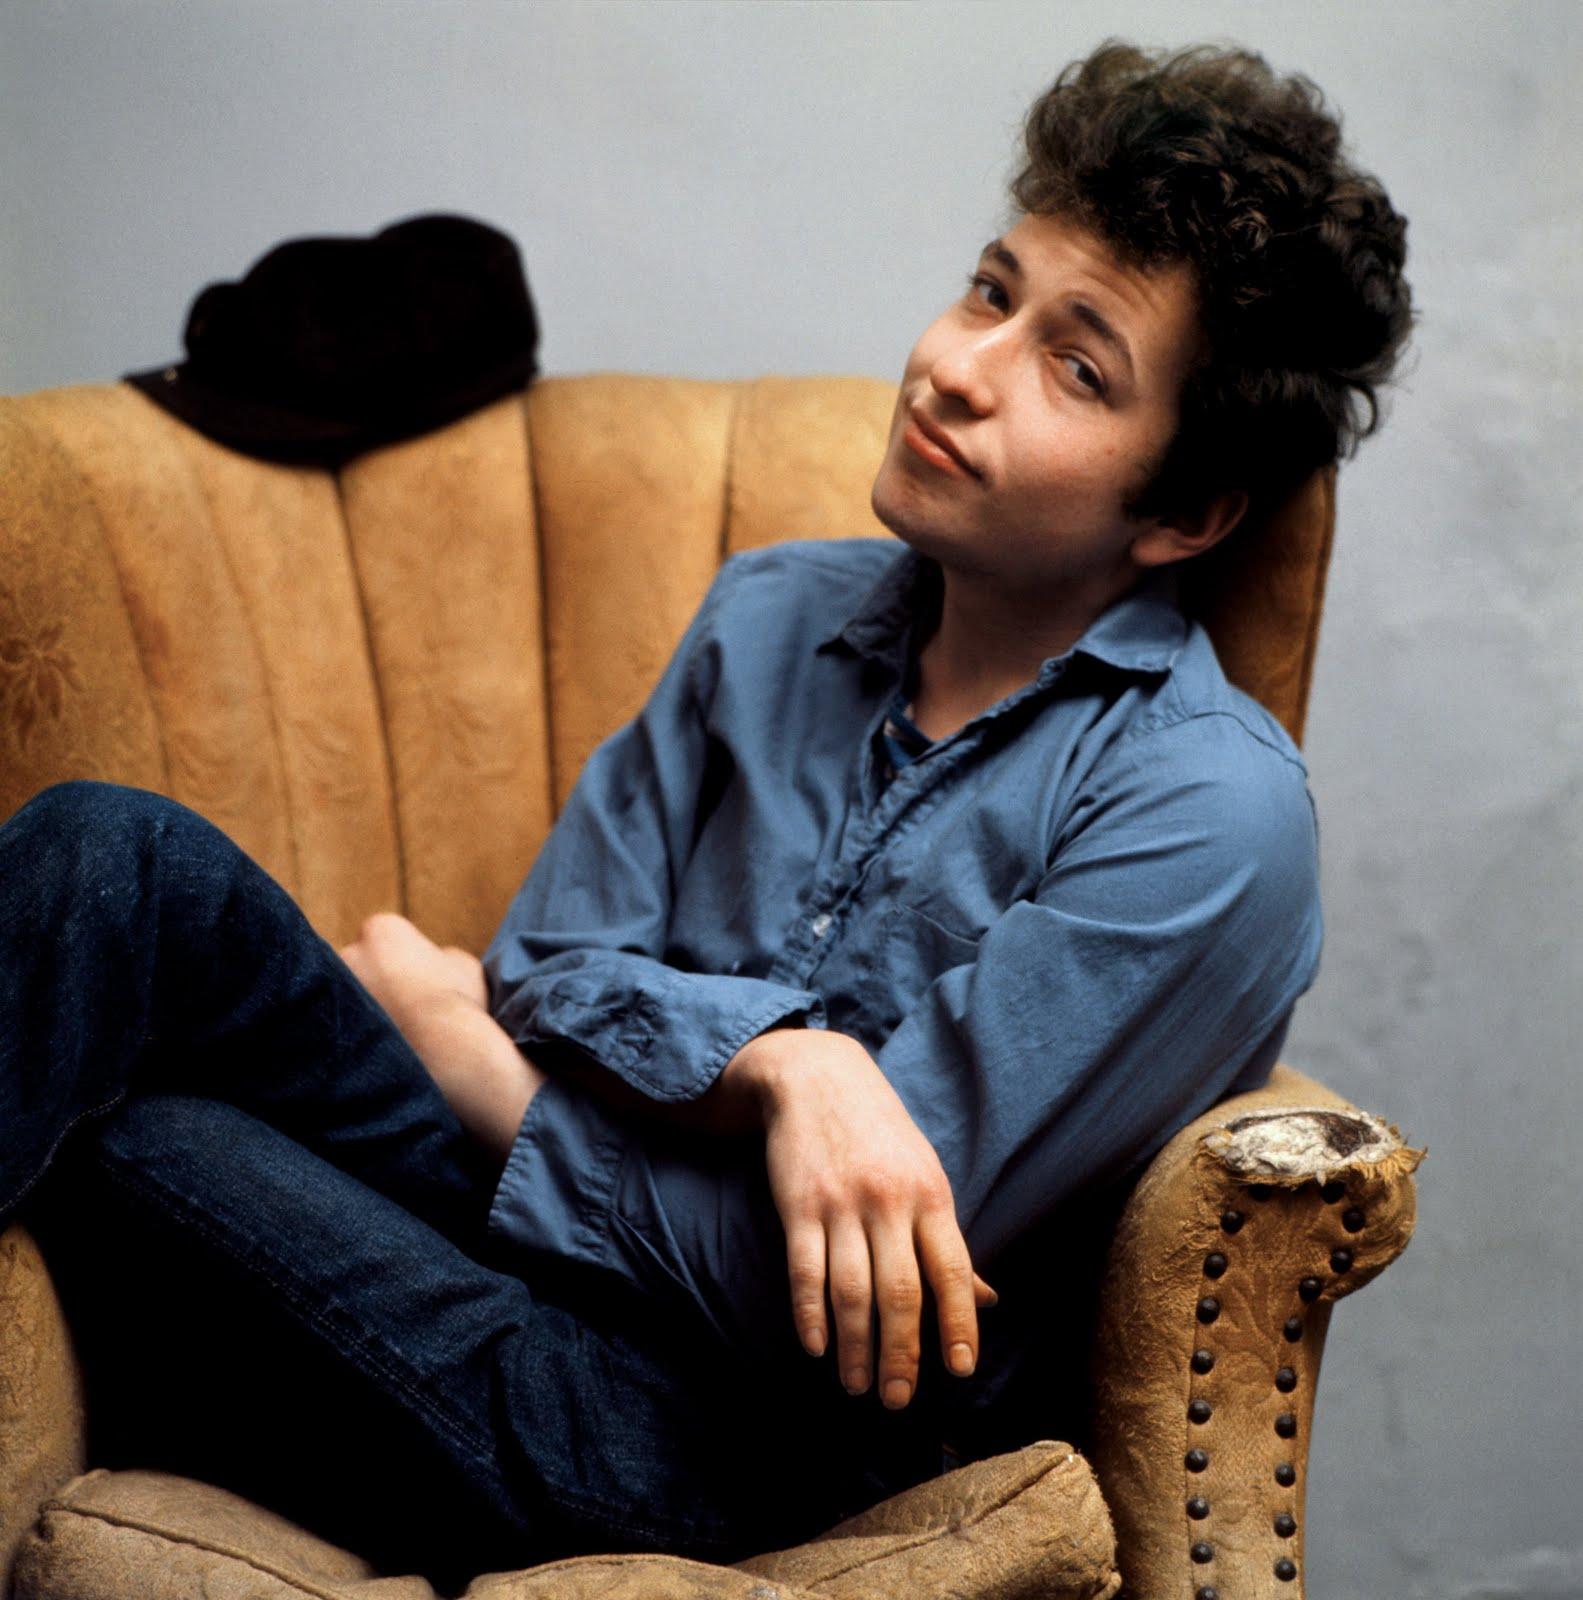 http://2.bp.blogspot.com/-0f4oZQriRpg/TjA0gRSNpBI/AAAAAAAAHvQ/sOZA9W04BiE/s1600/Bob-Dylan-COLOR3.jpg